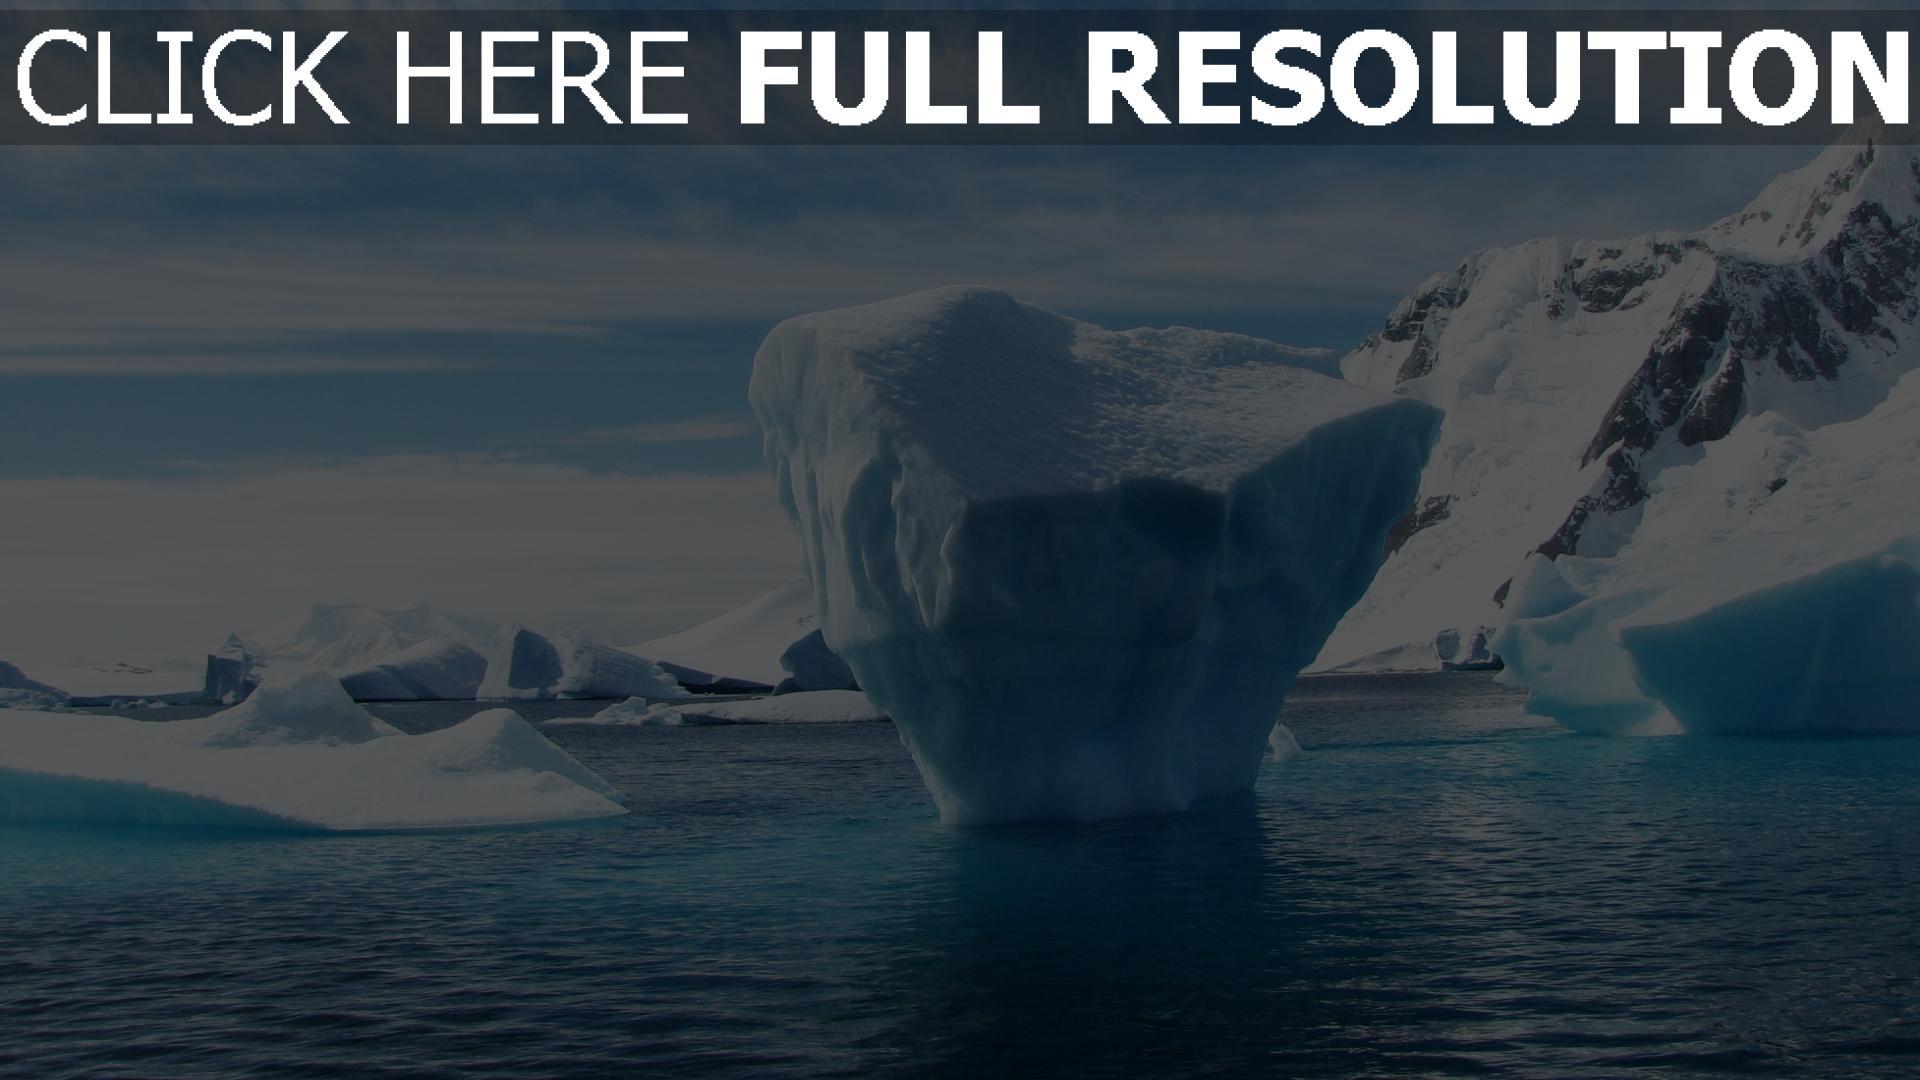 hd hintergrundbilder eis winter eisberg antarktis 1920x1080